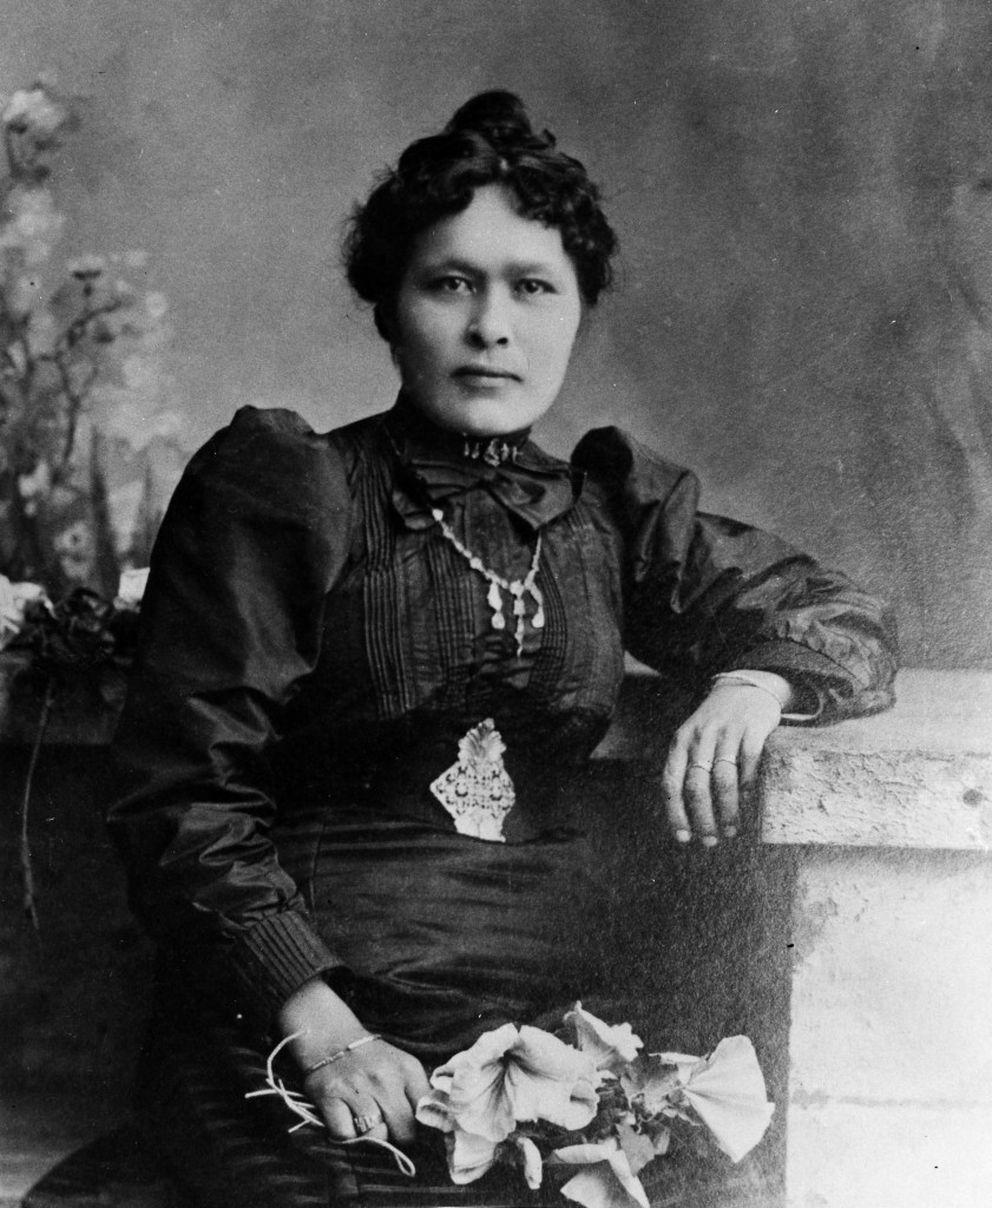 Cette photographie en noir et blanc  montre  Shaaw Tláa - Kate Carmack en riches vêtements occidentaux. Elle porte une longue robe sombre, une ceinture et un collier ouvragés et tient un bouquet de fleurs à la main.